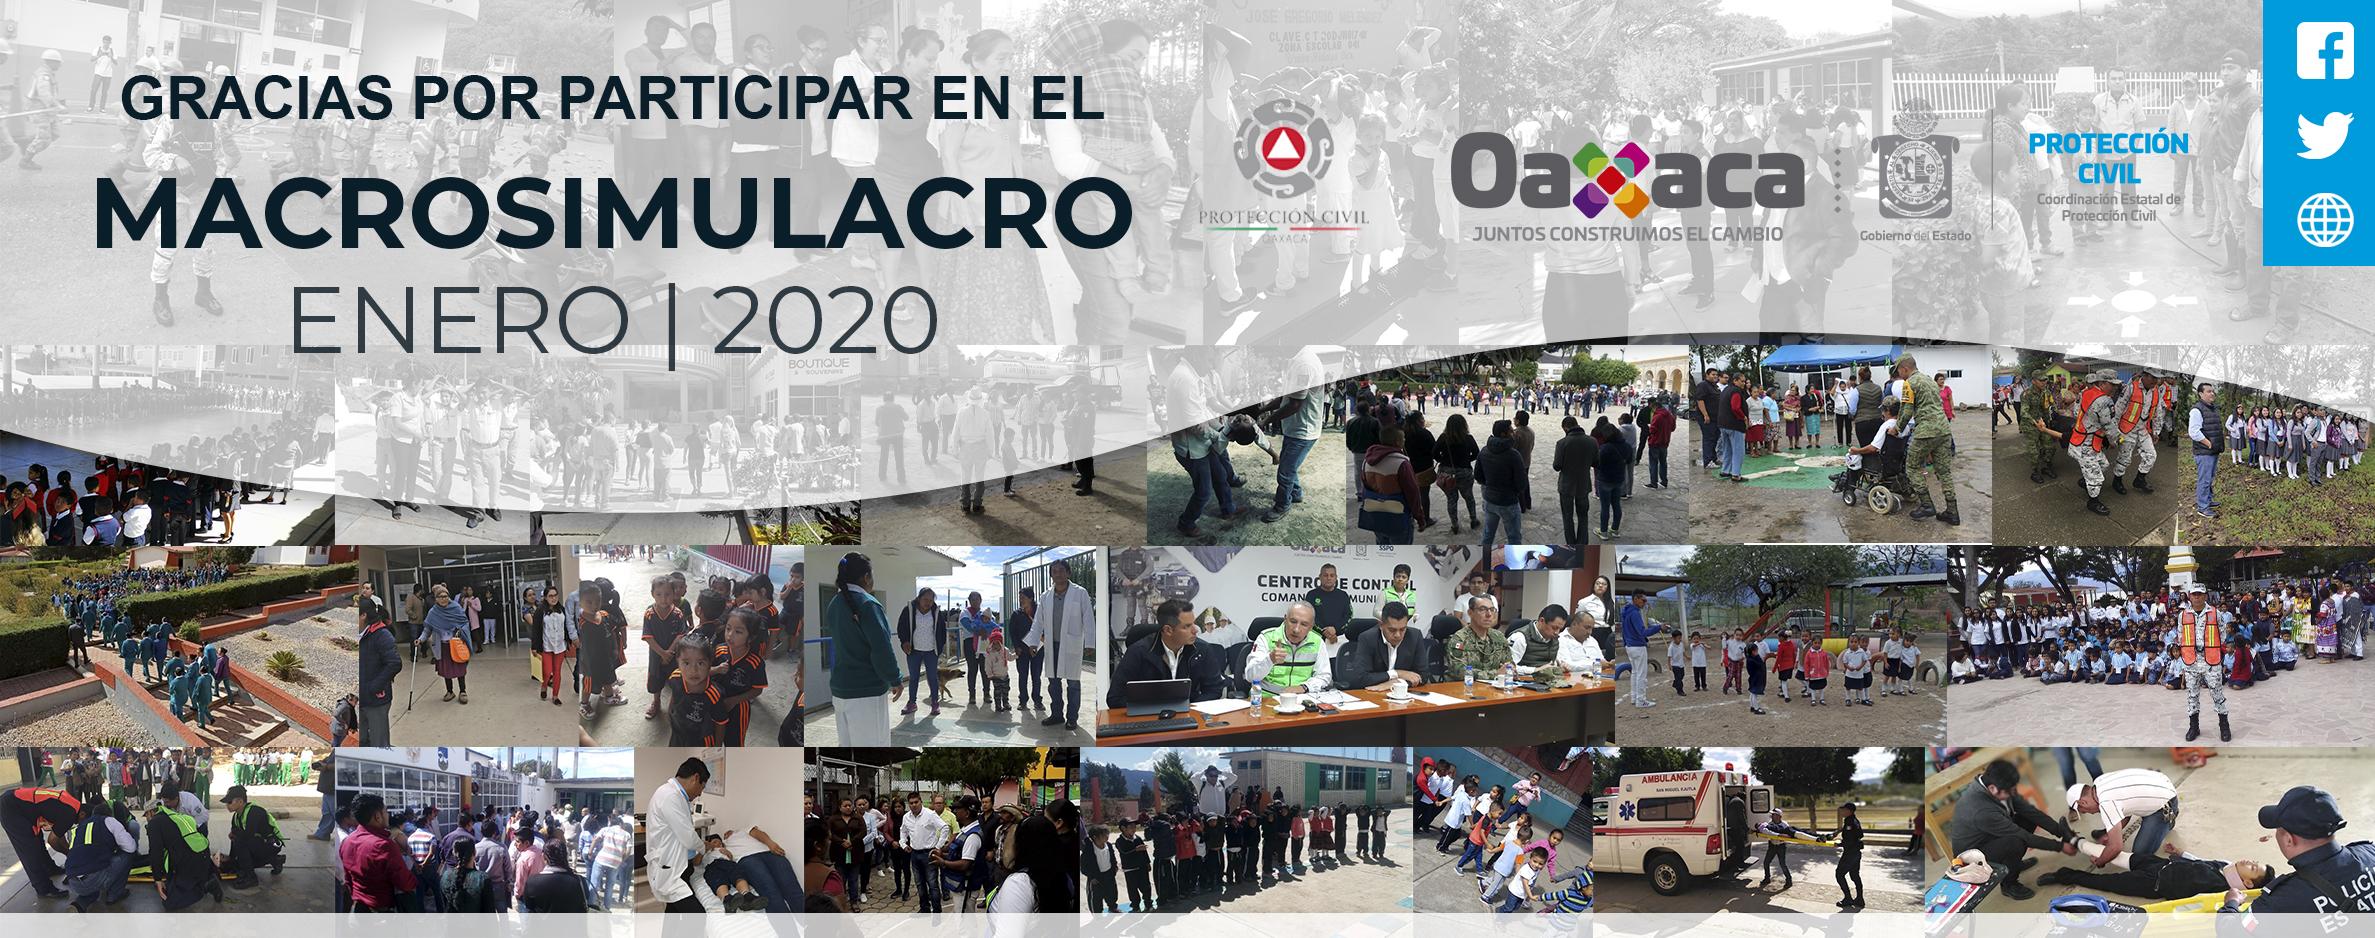 GRACIAS POR PARTICIPAR EN EL MACROSIMULARO 2020